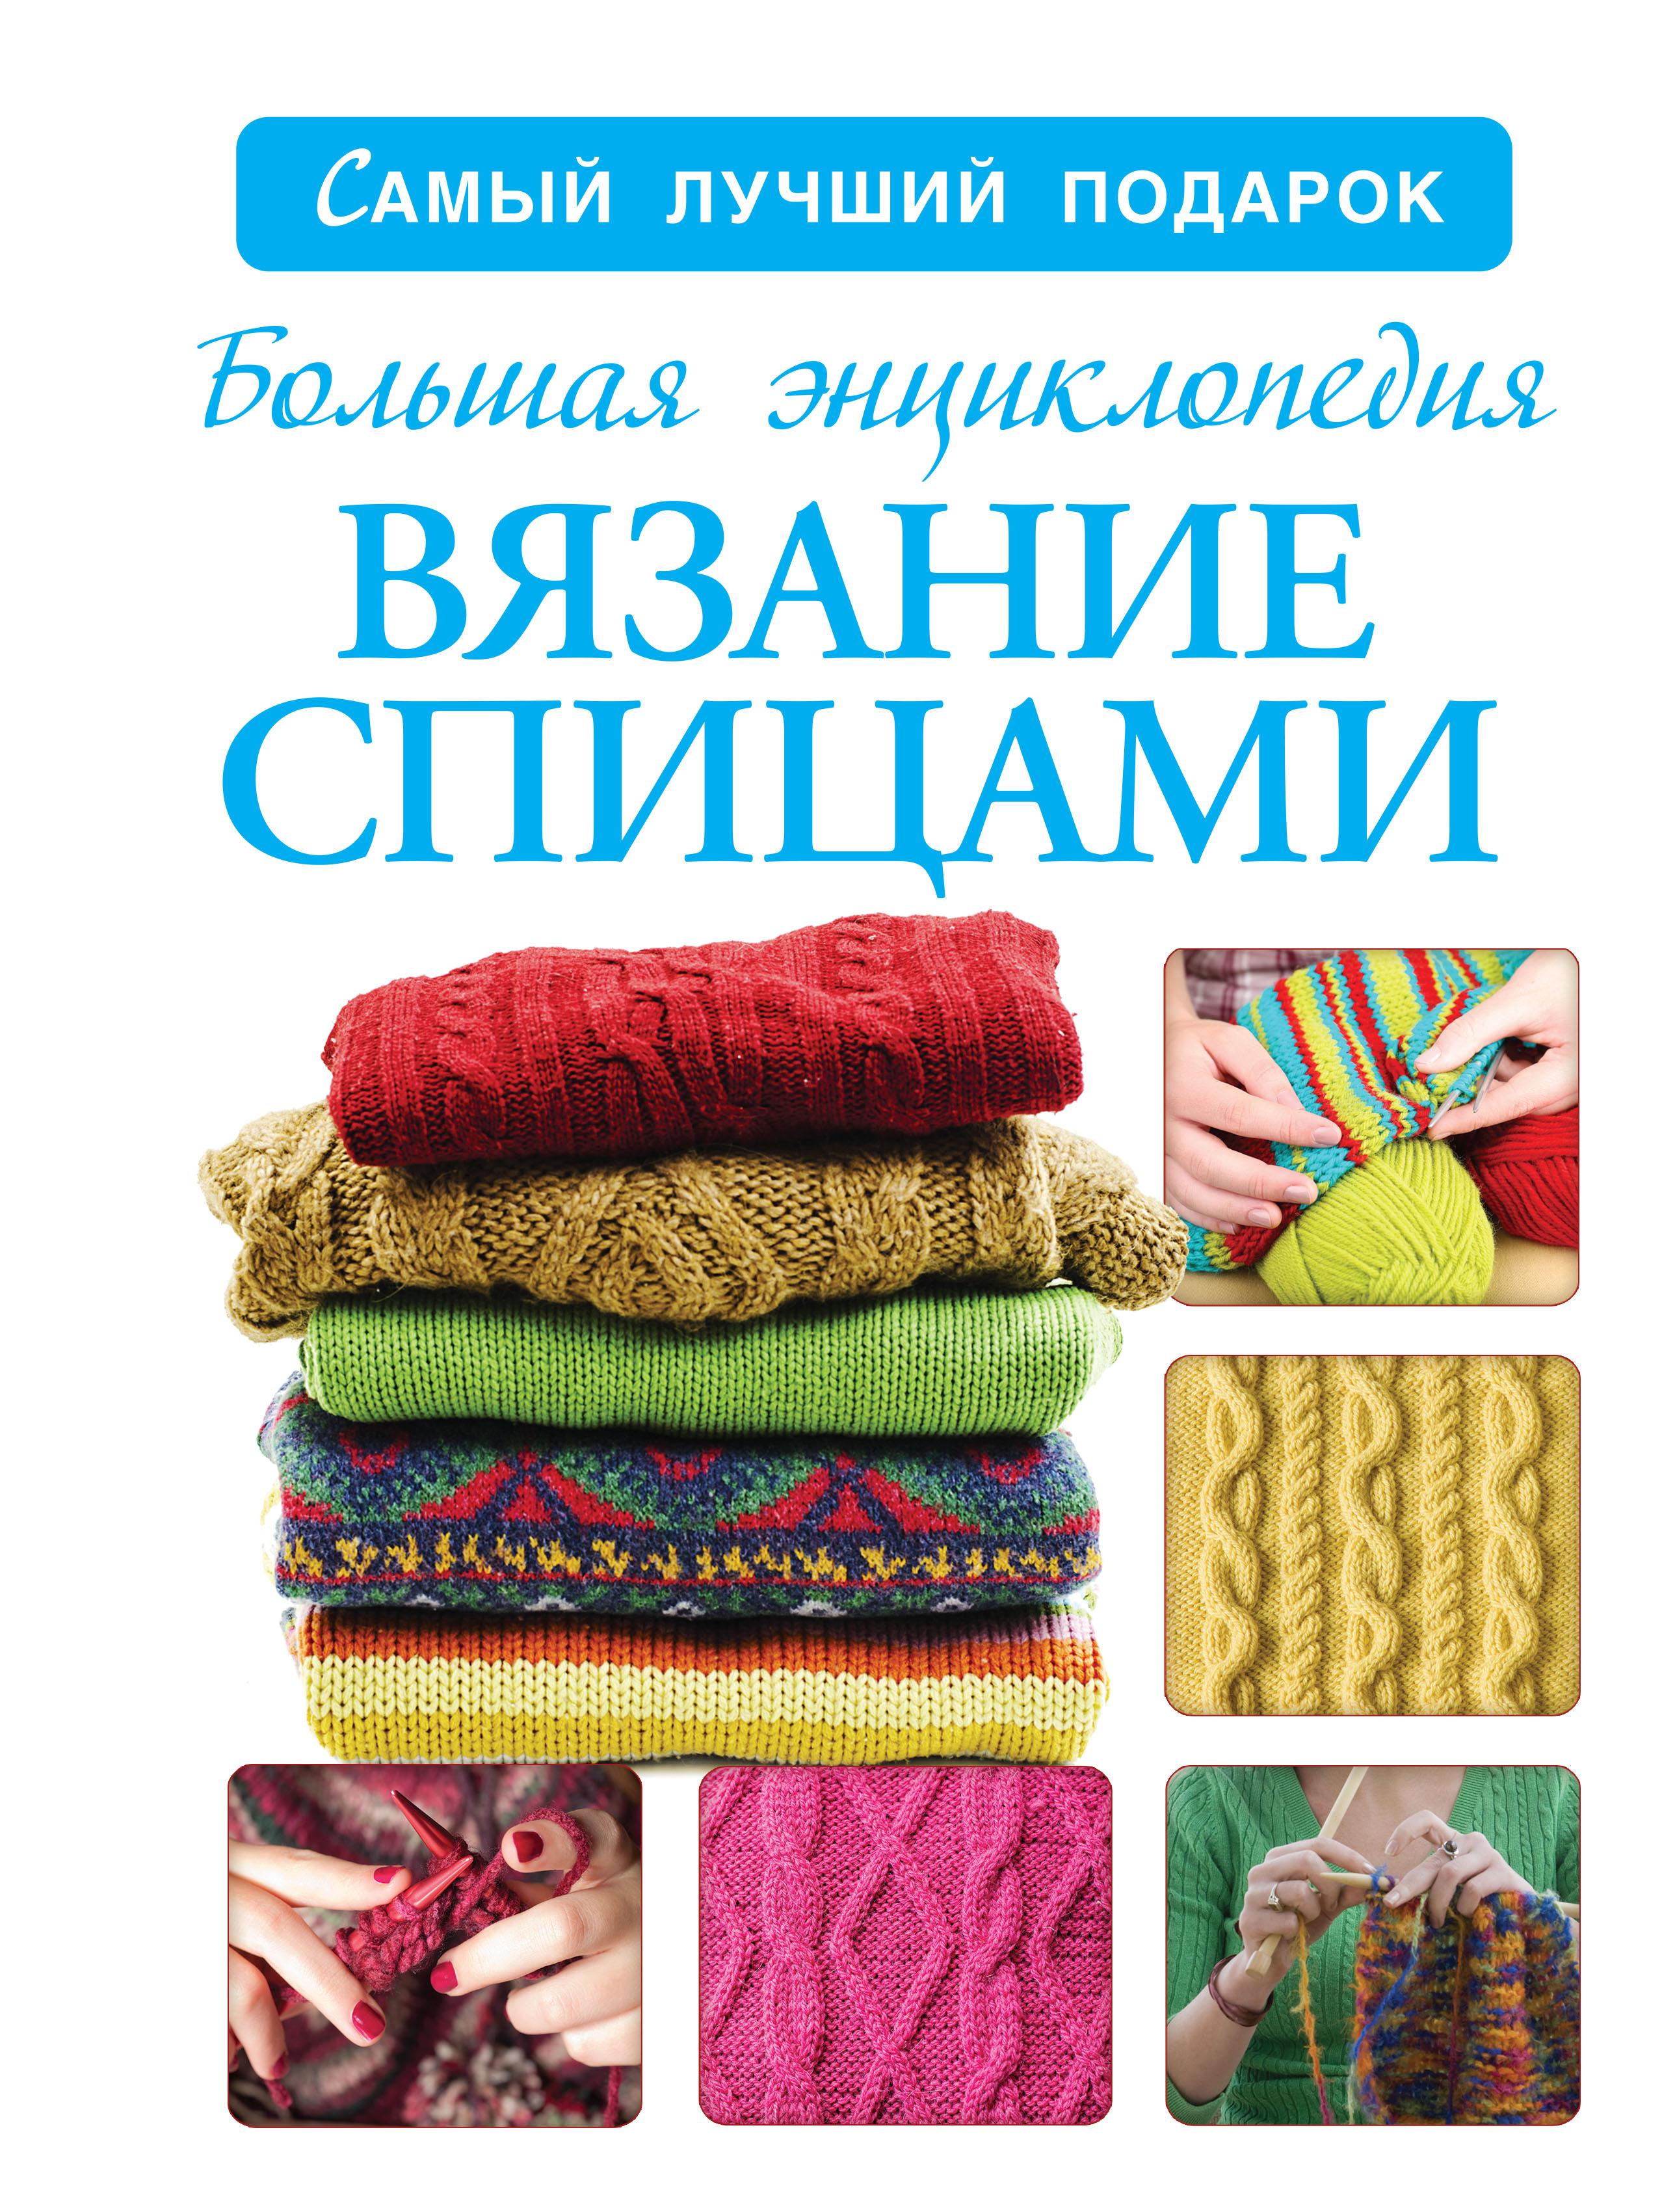 Большая энциклопедия. Вязание спицами